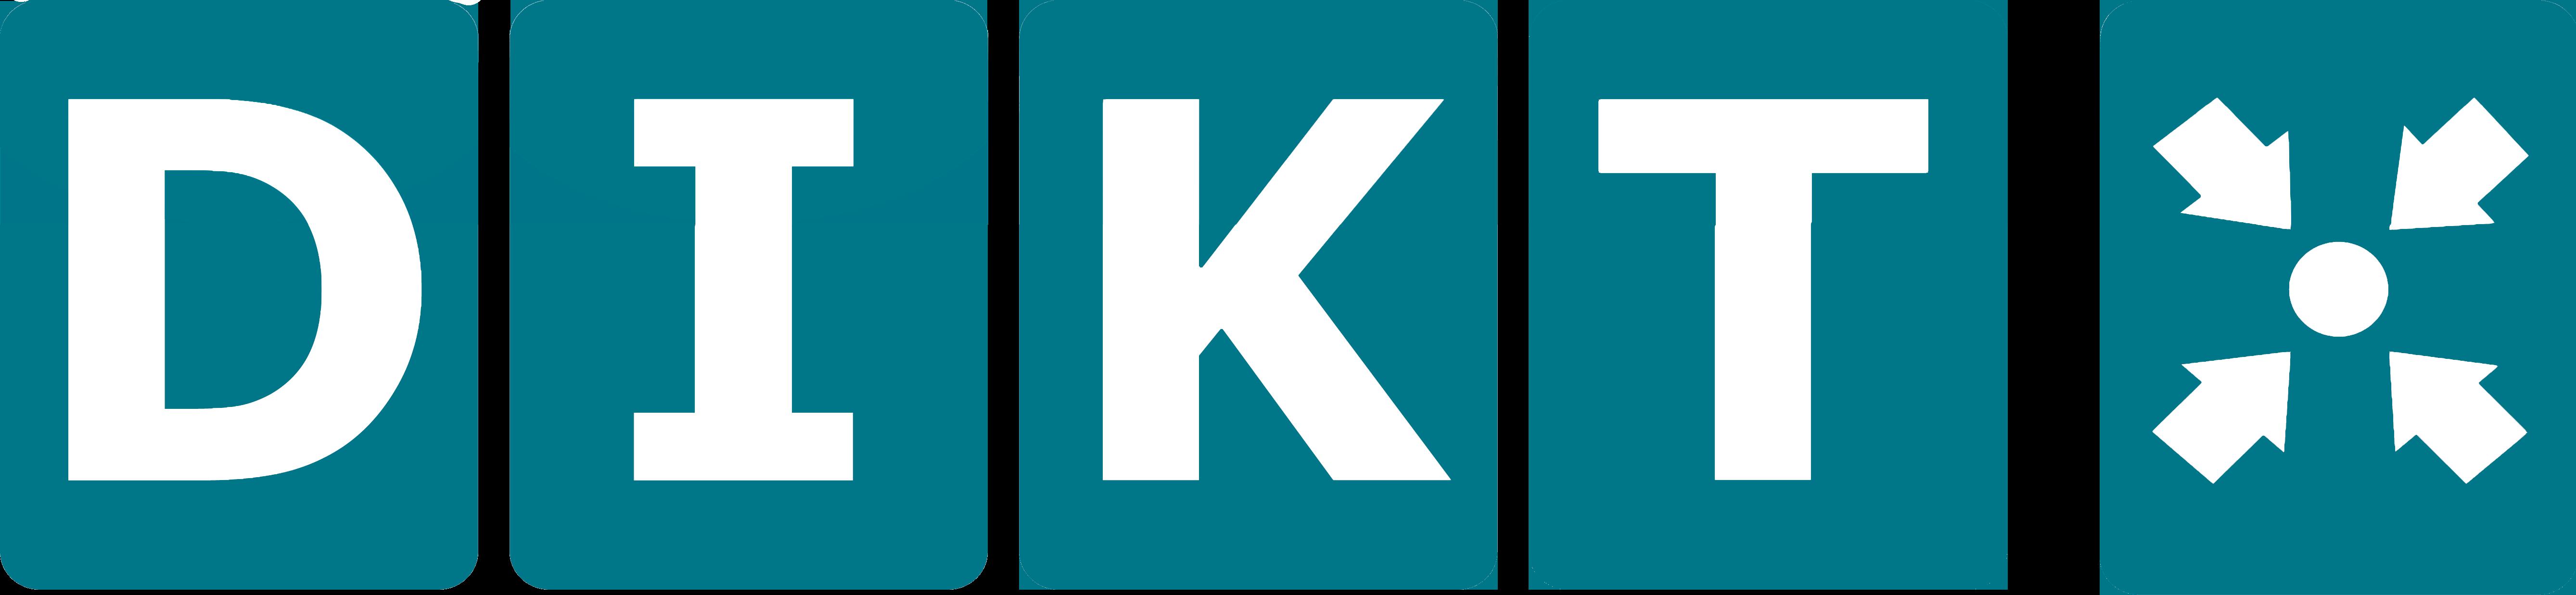 DIKT's logo